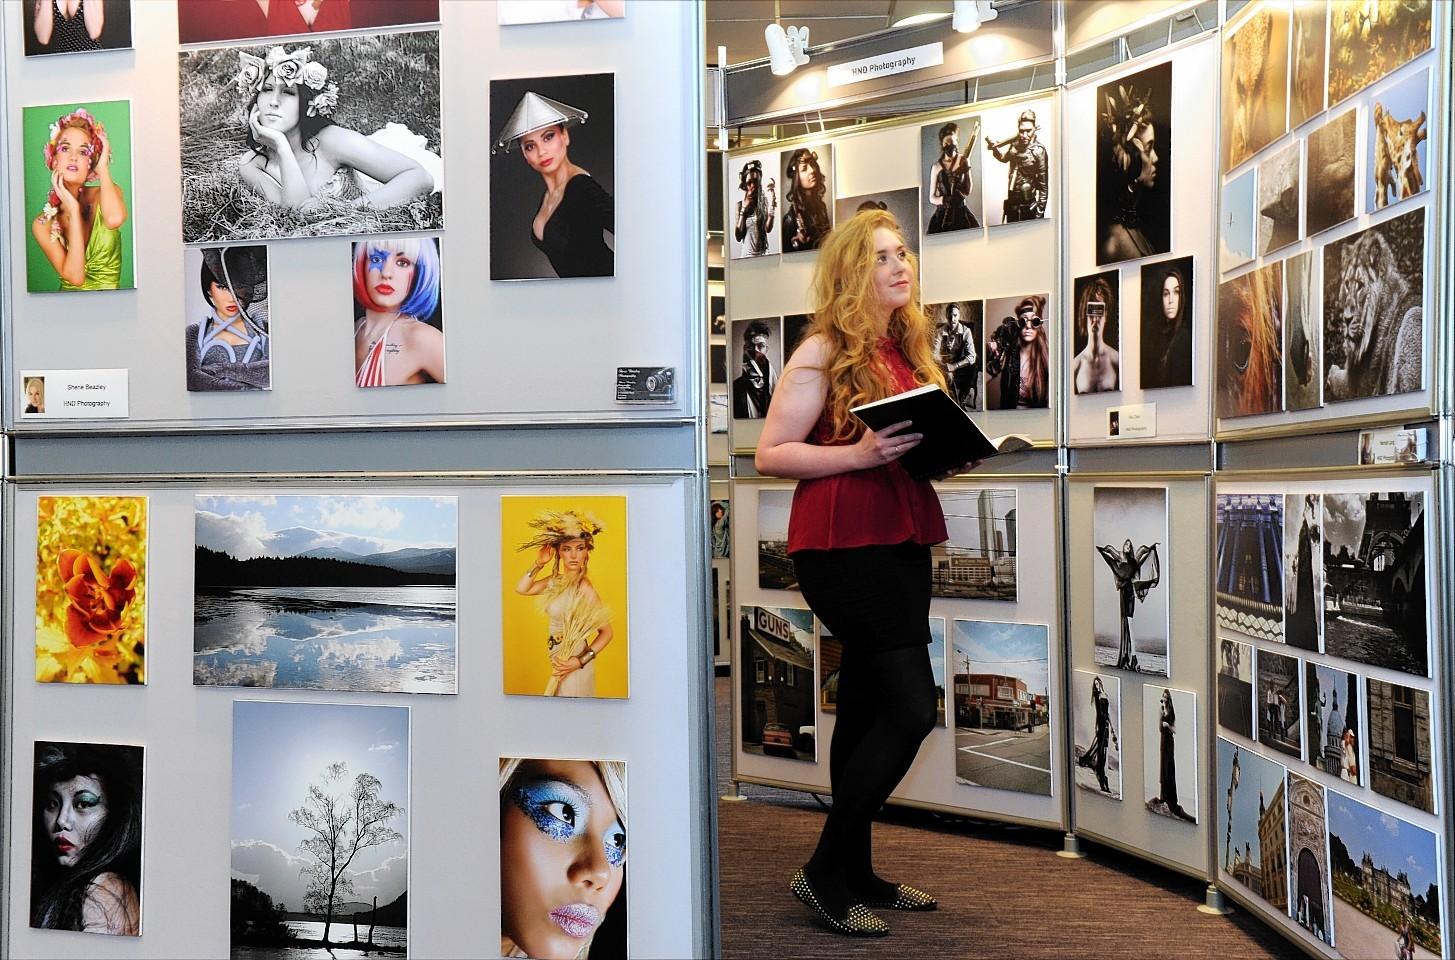 Creative Industries annual show